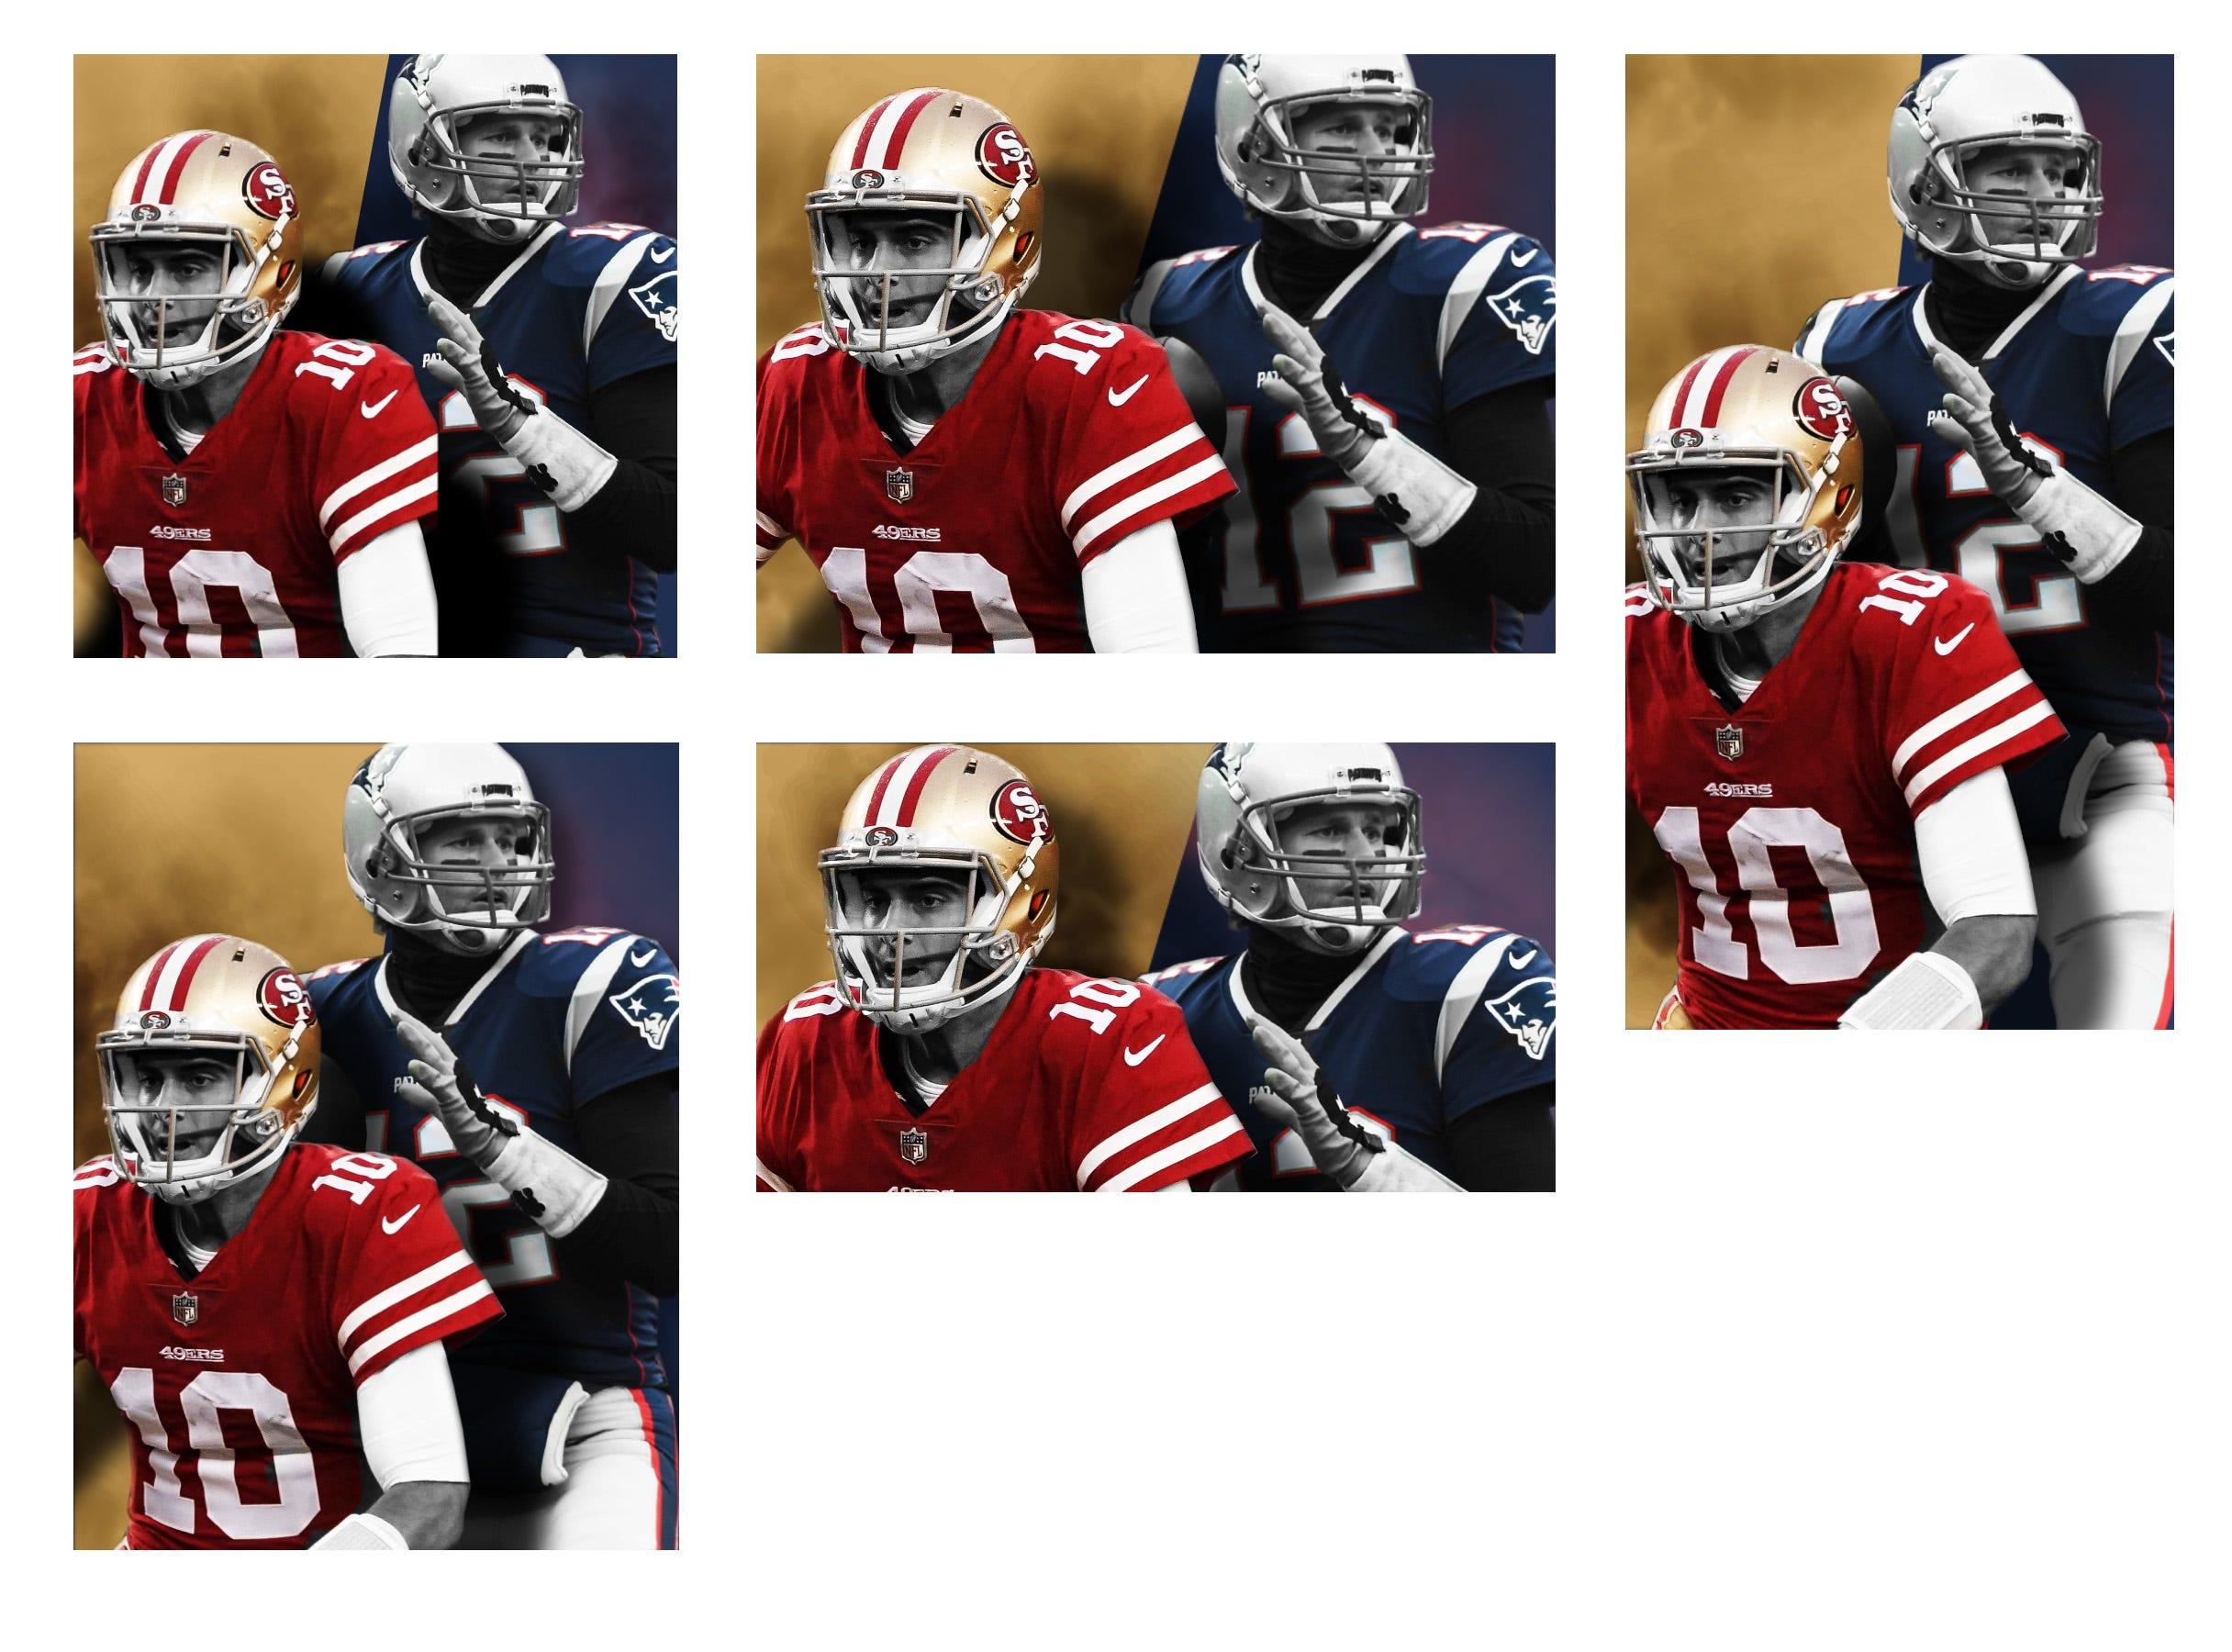 Jimmy G Niners >> NFL power rankings: Brady's Pats, Jimmy G's Niners in good shape as season ends